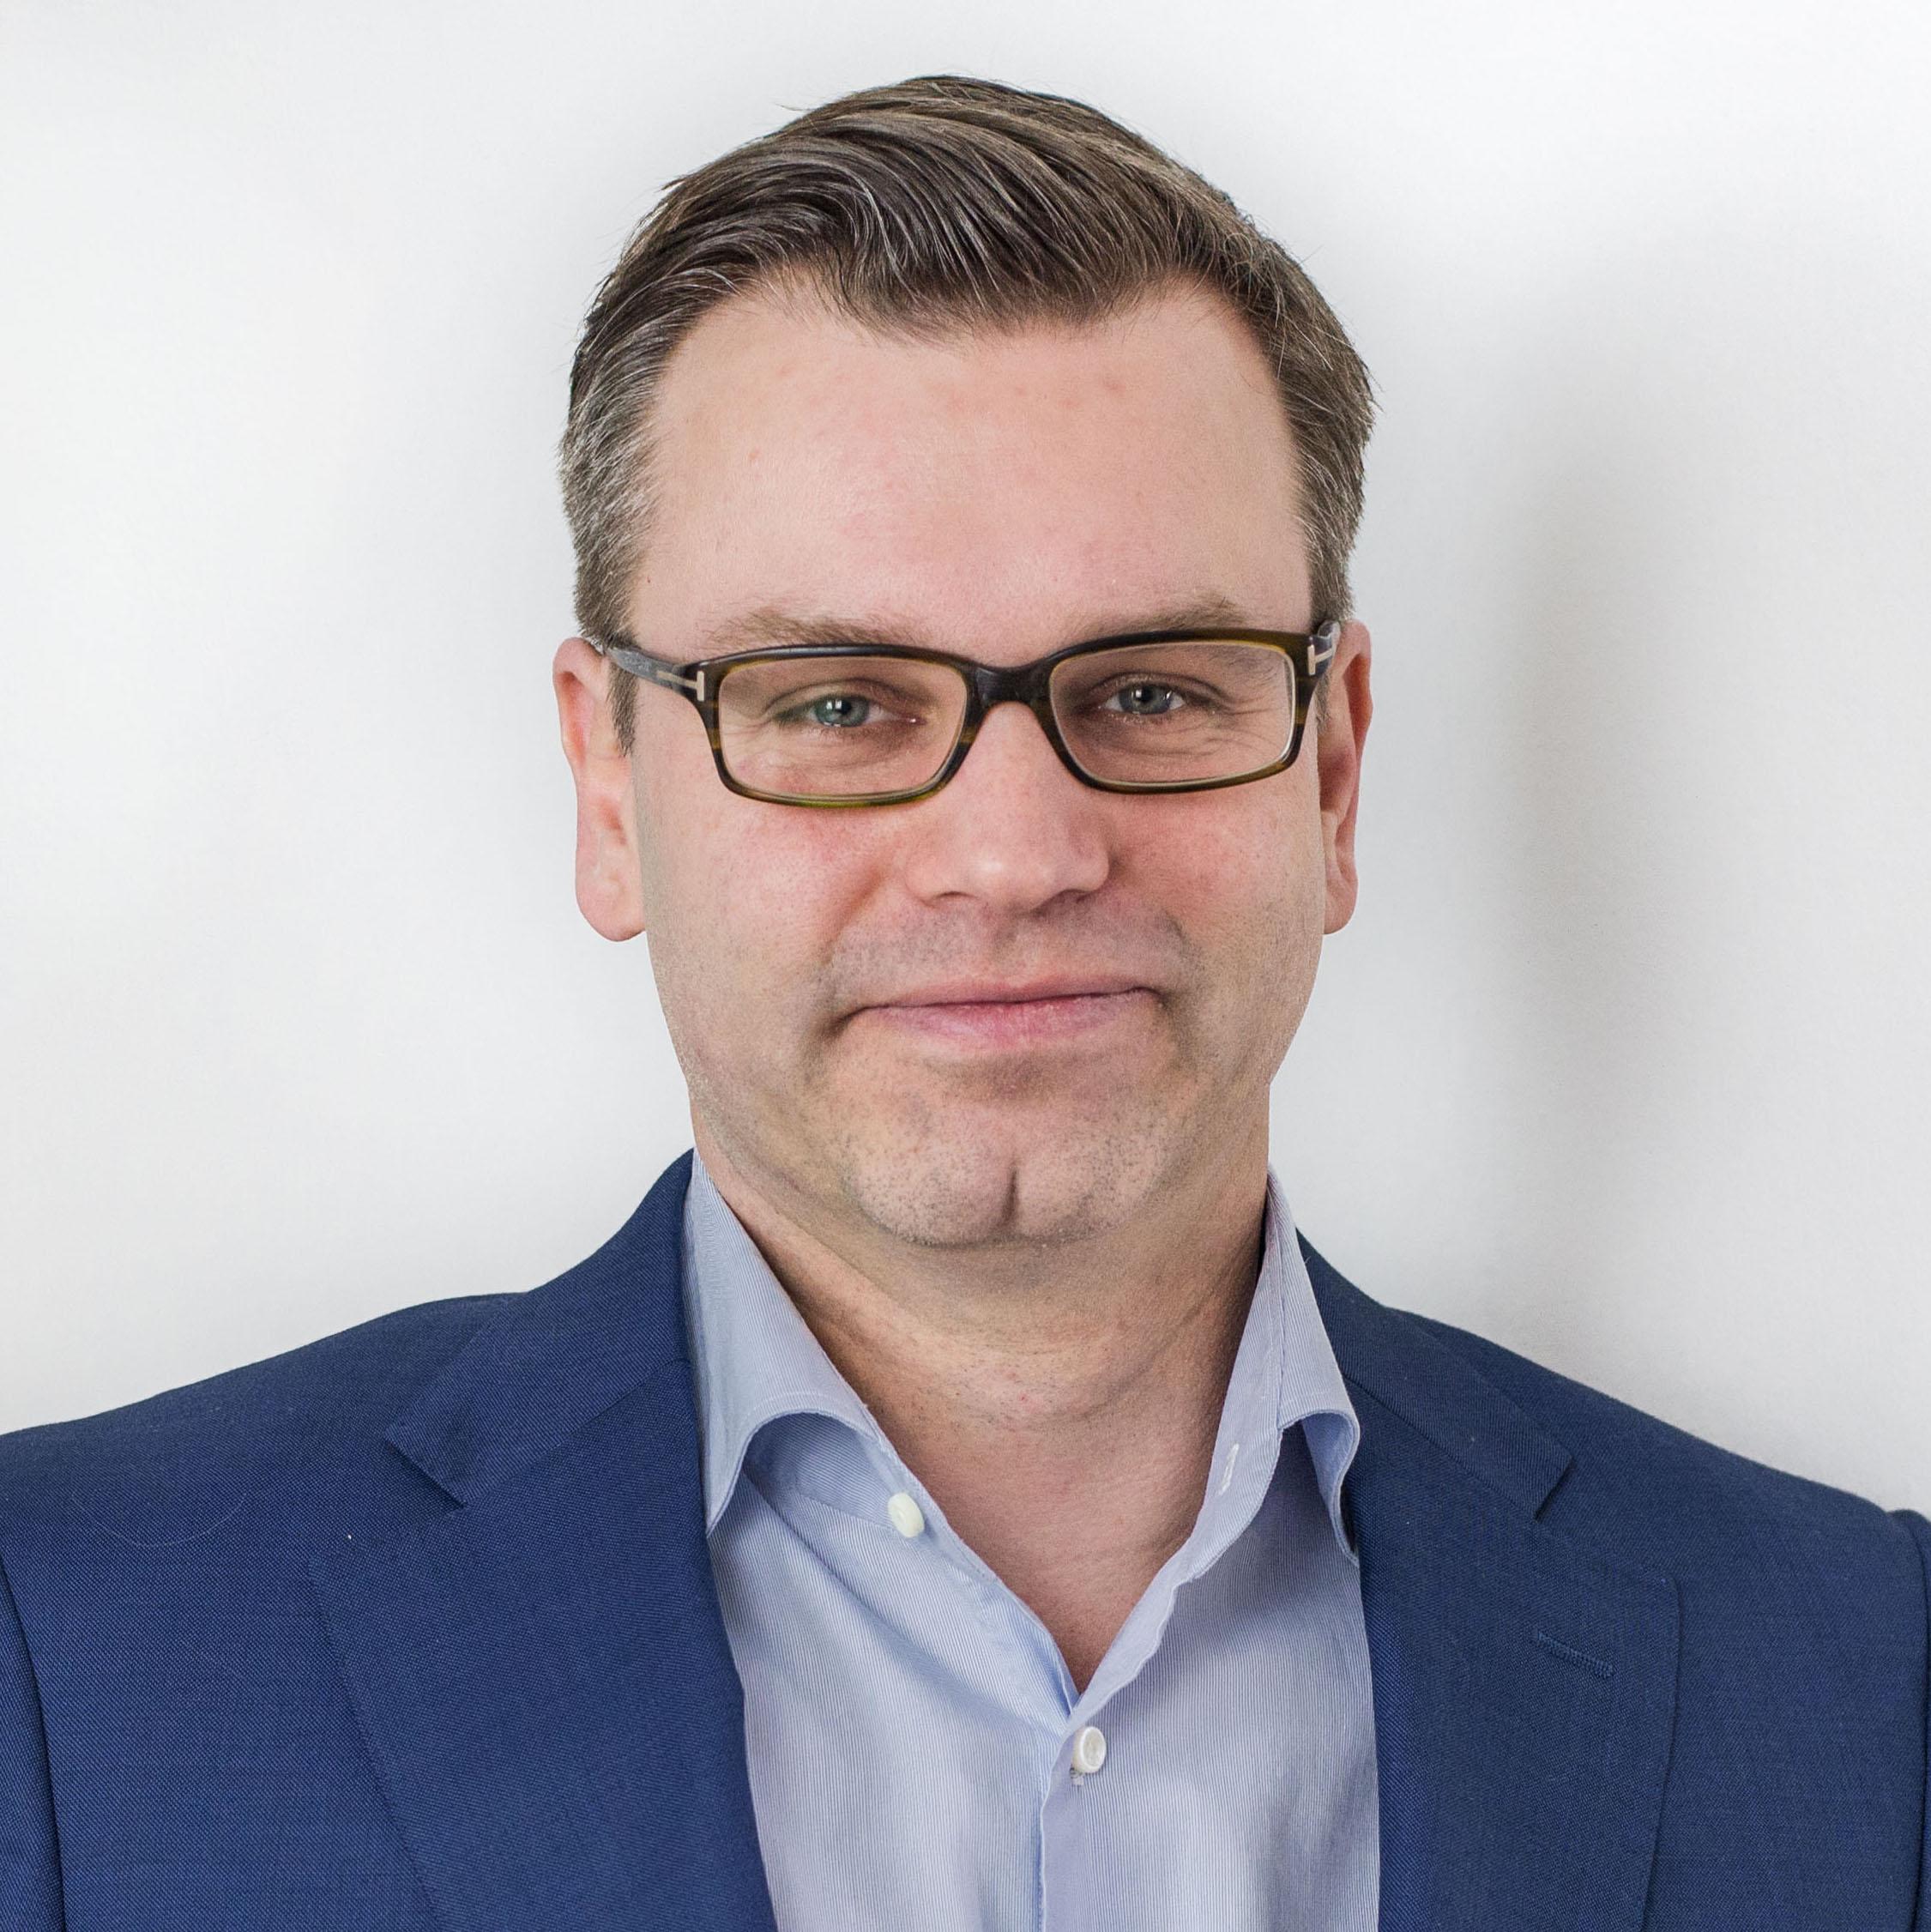 Philipp Gasteiger